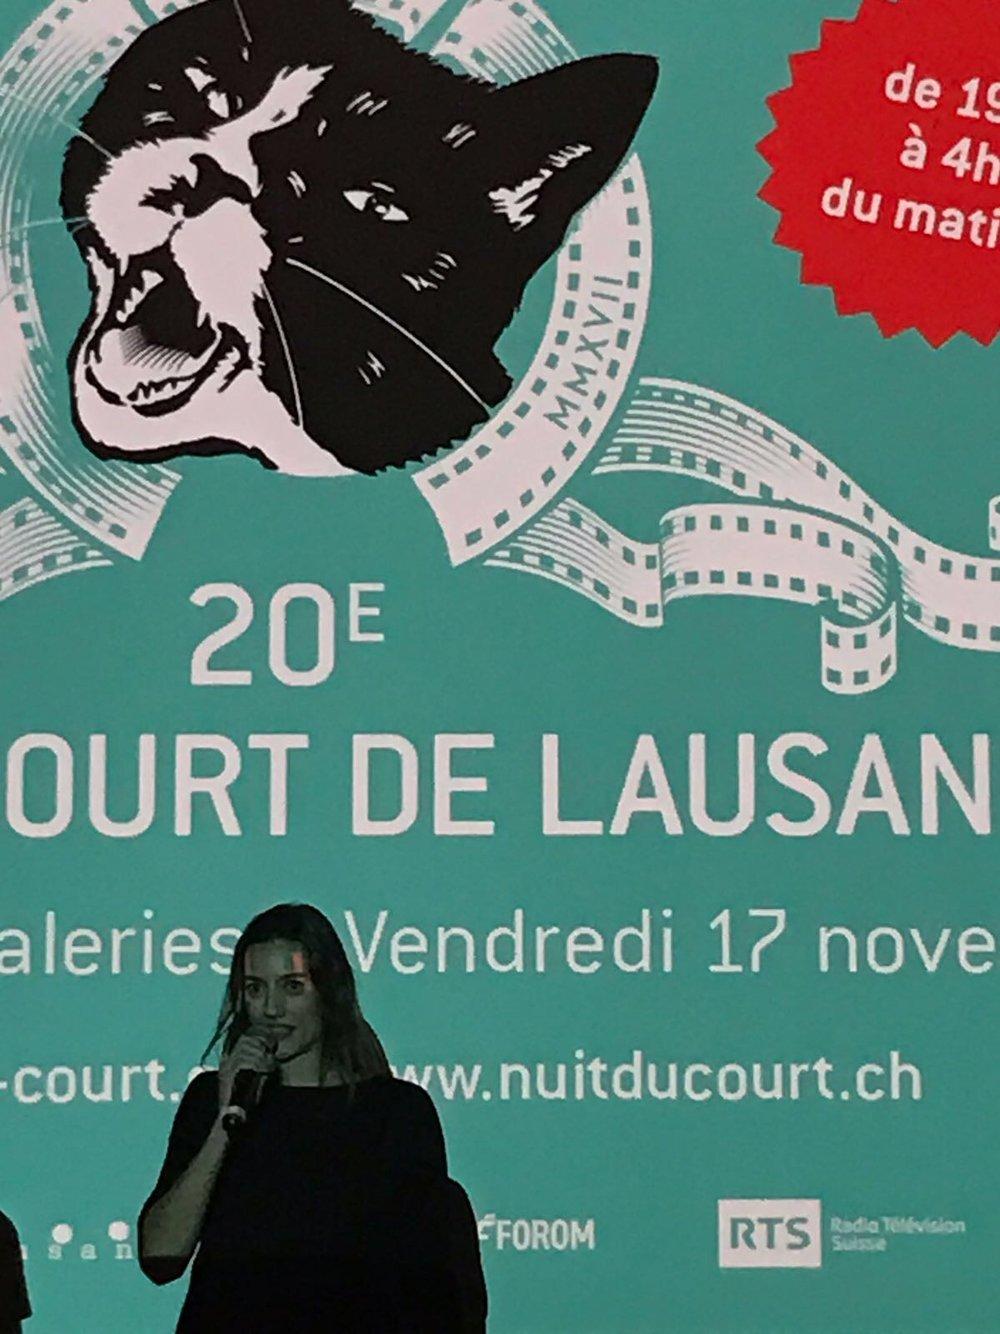 2017-11-17 Nuit du Court 1.JPG